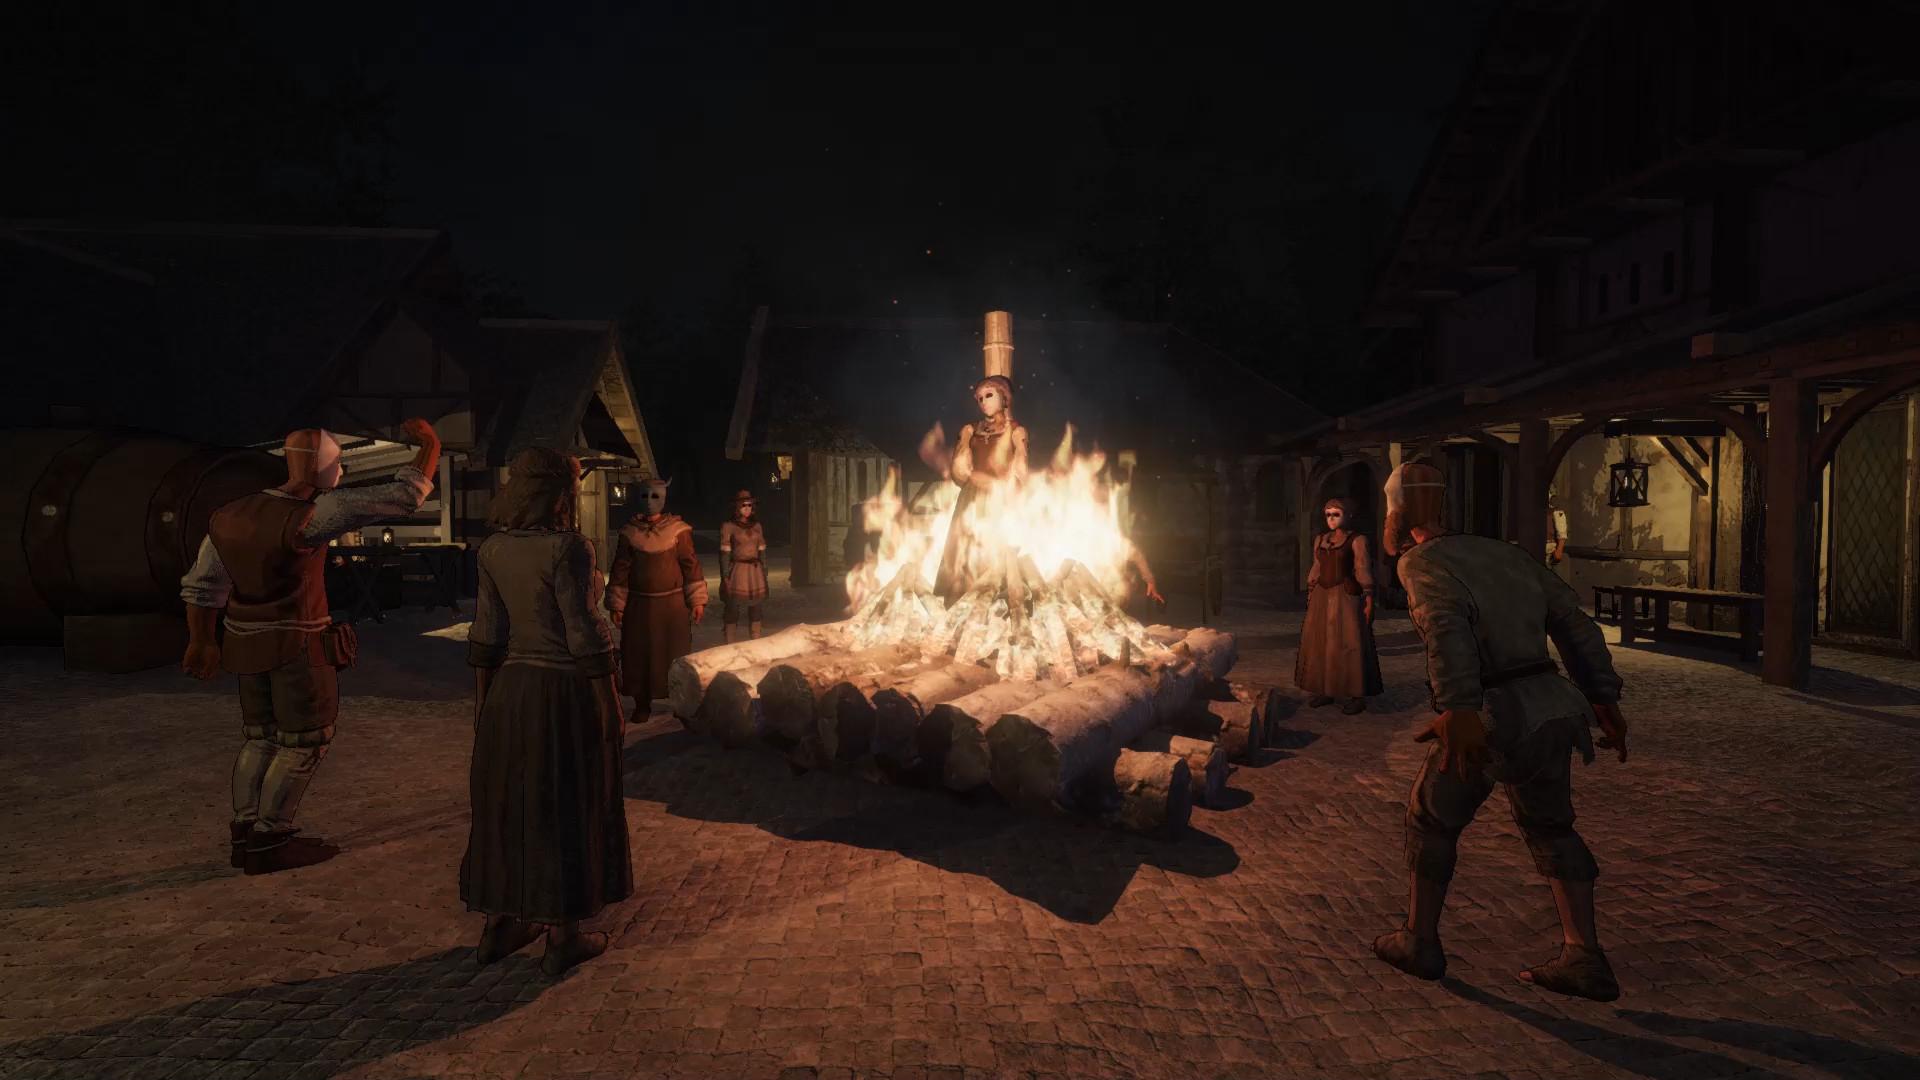 Детективный хоррор и RPG/адвенчура Inquisitor: The Hammer of Witches изменил своё название и показал тизер-трейлер